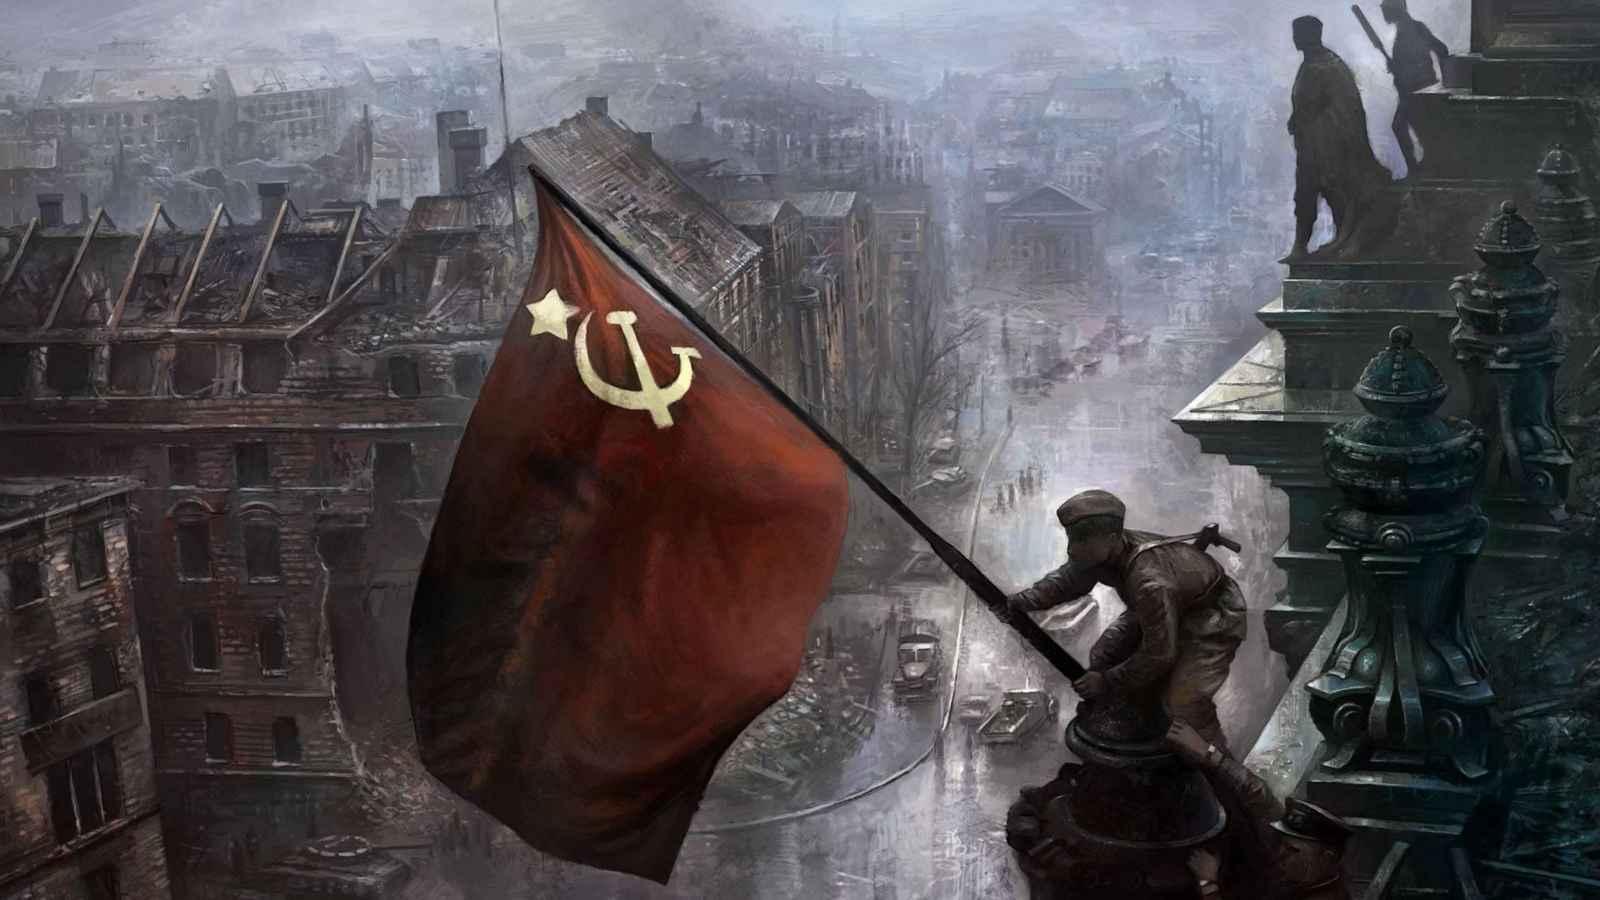 reichstag-soviet-flag